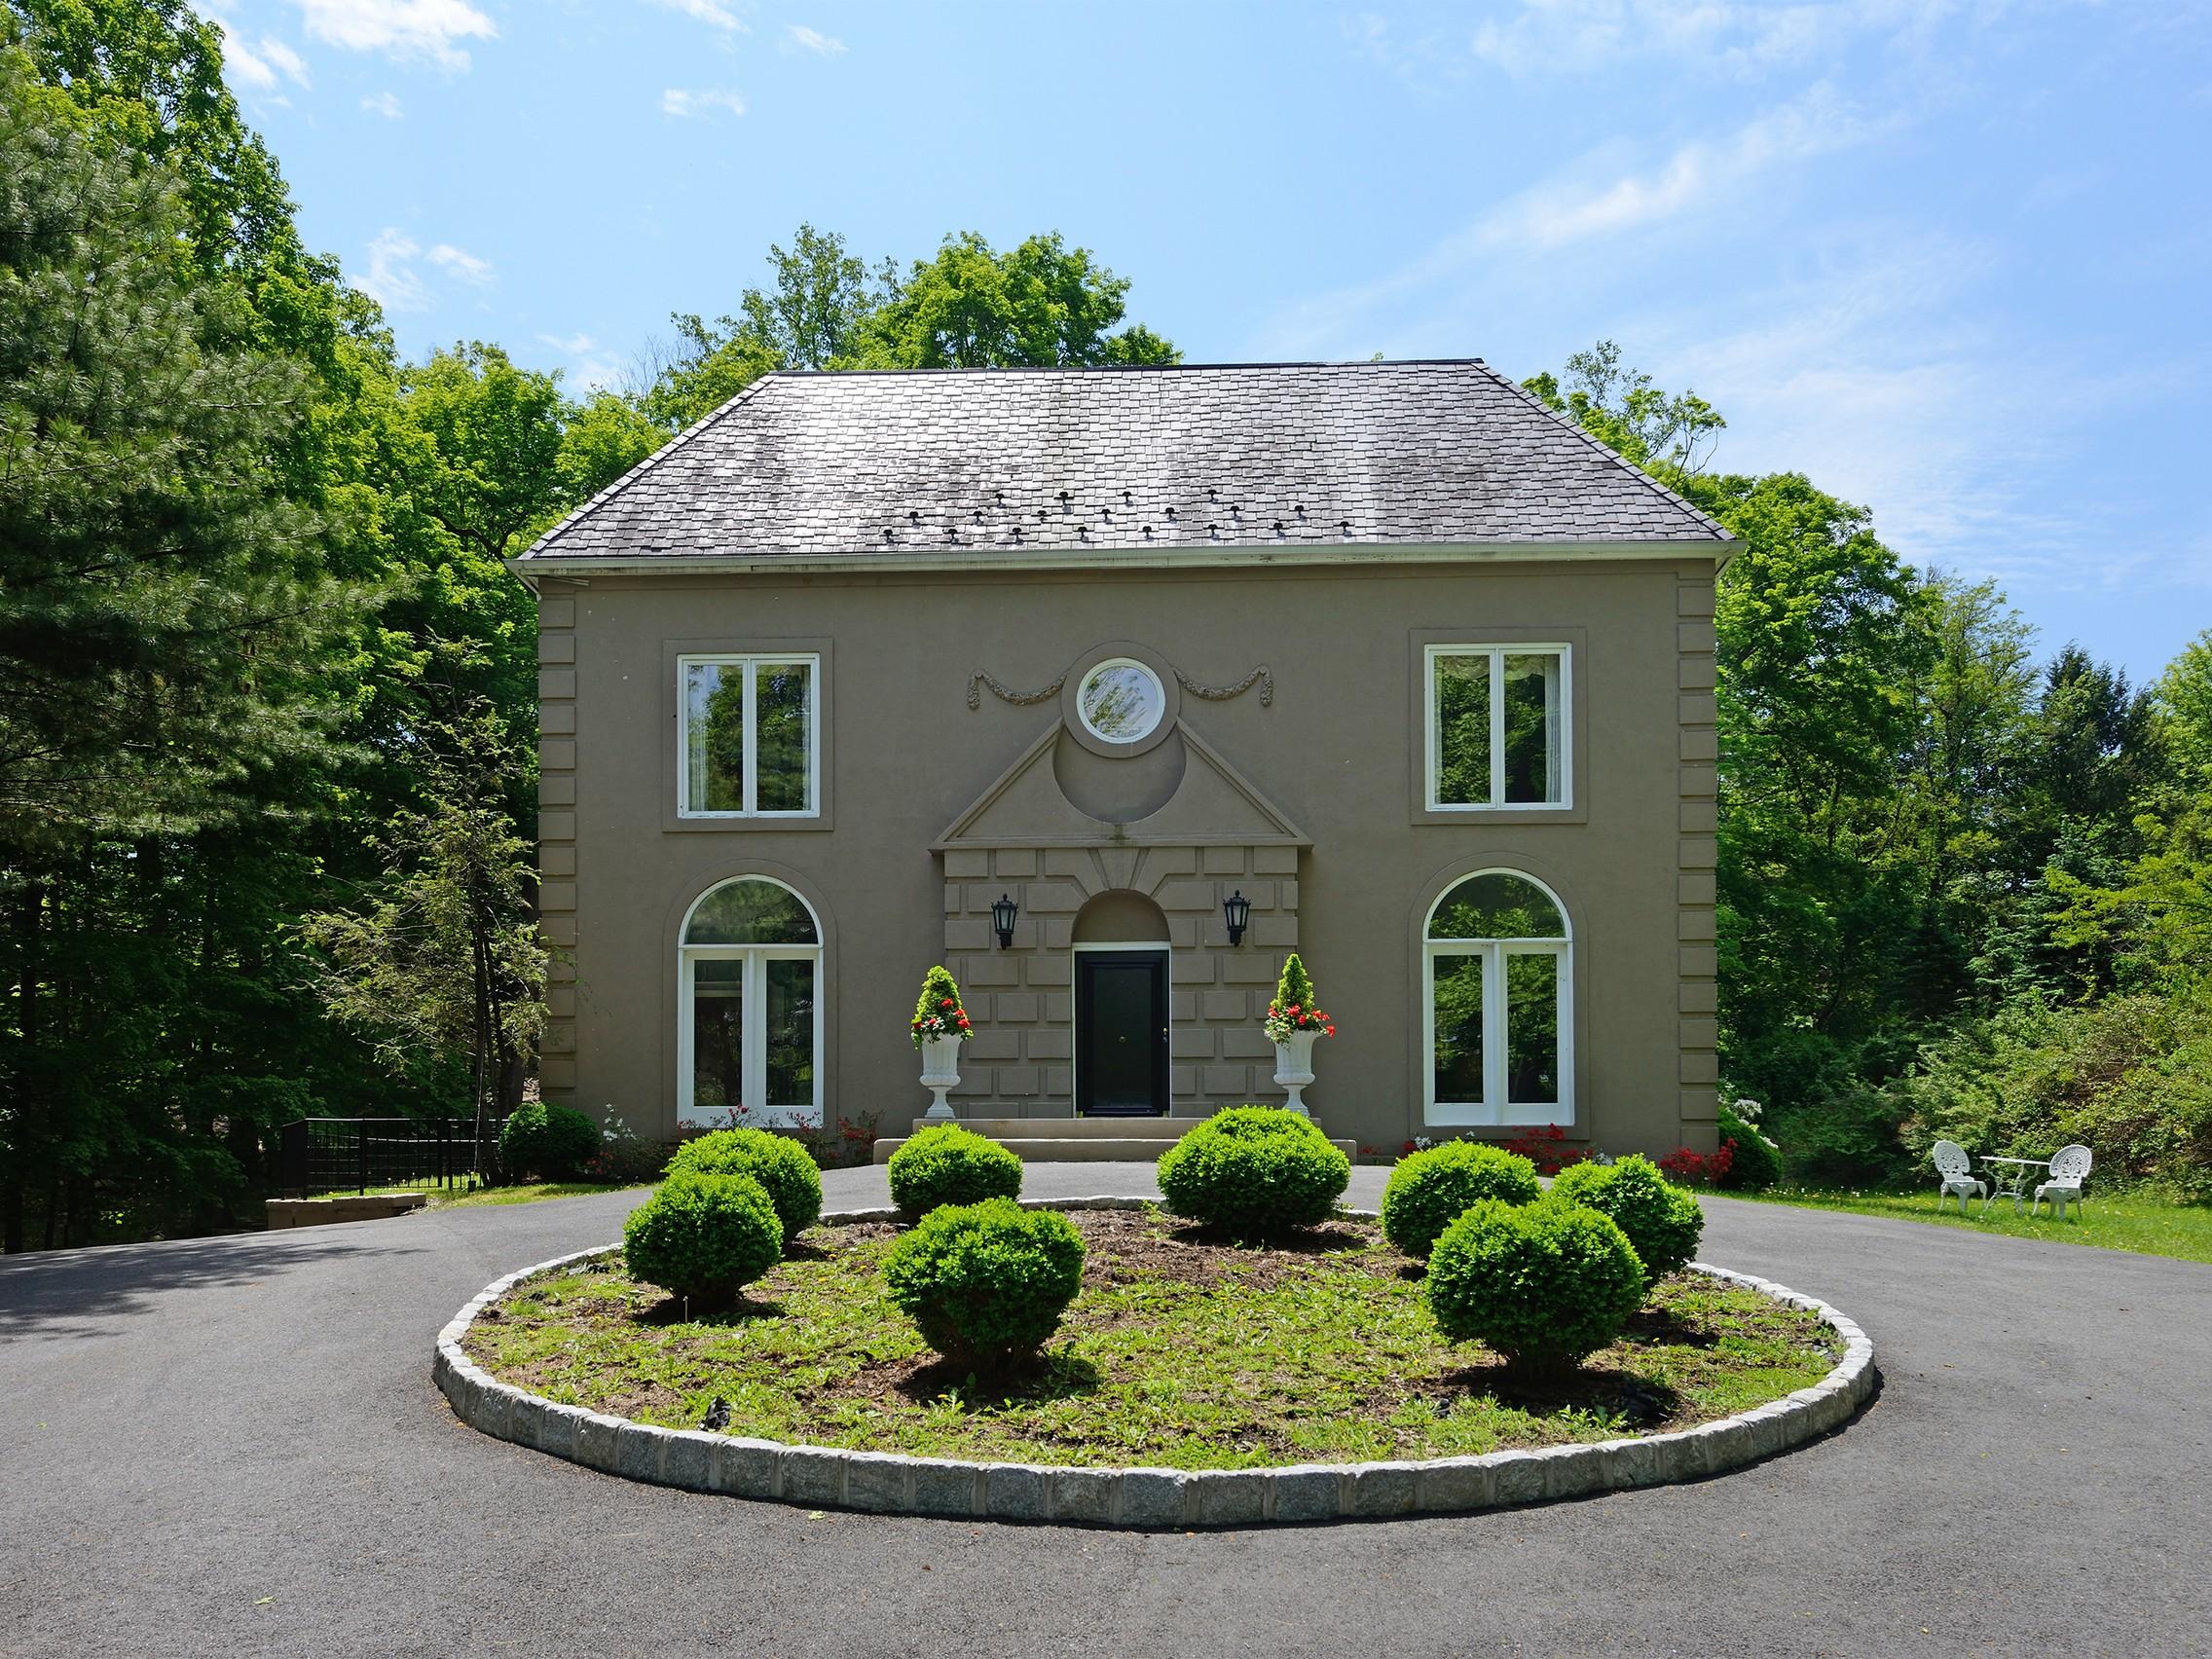 独户住宅 为 销售 在 Into the Woods 27 Pepperidge Road 德克斯朵公园, 纽约州, 10987 美国